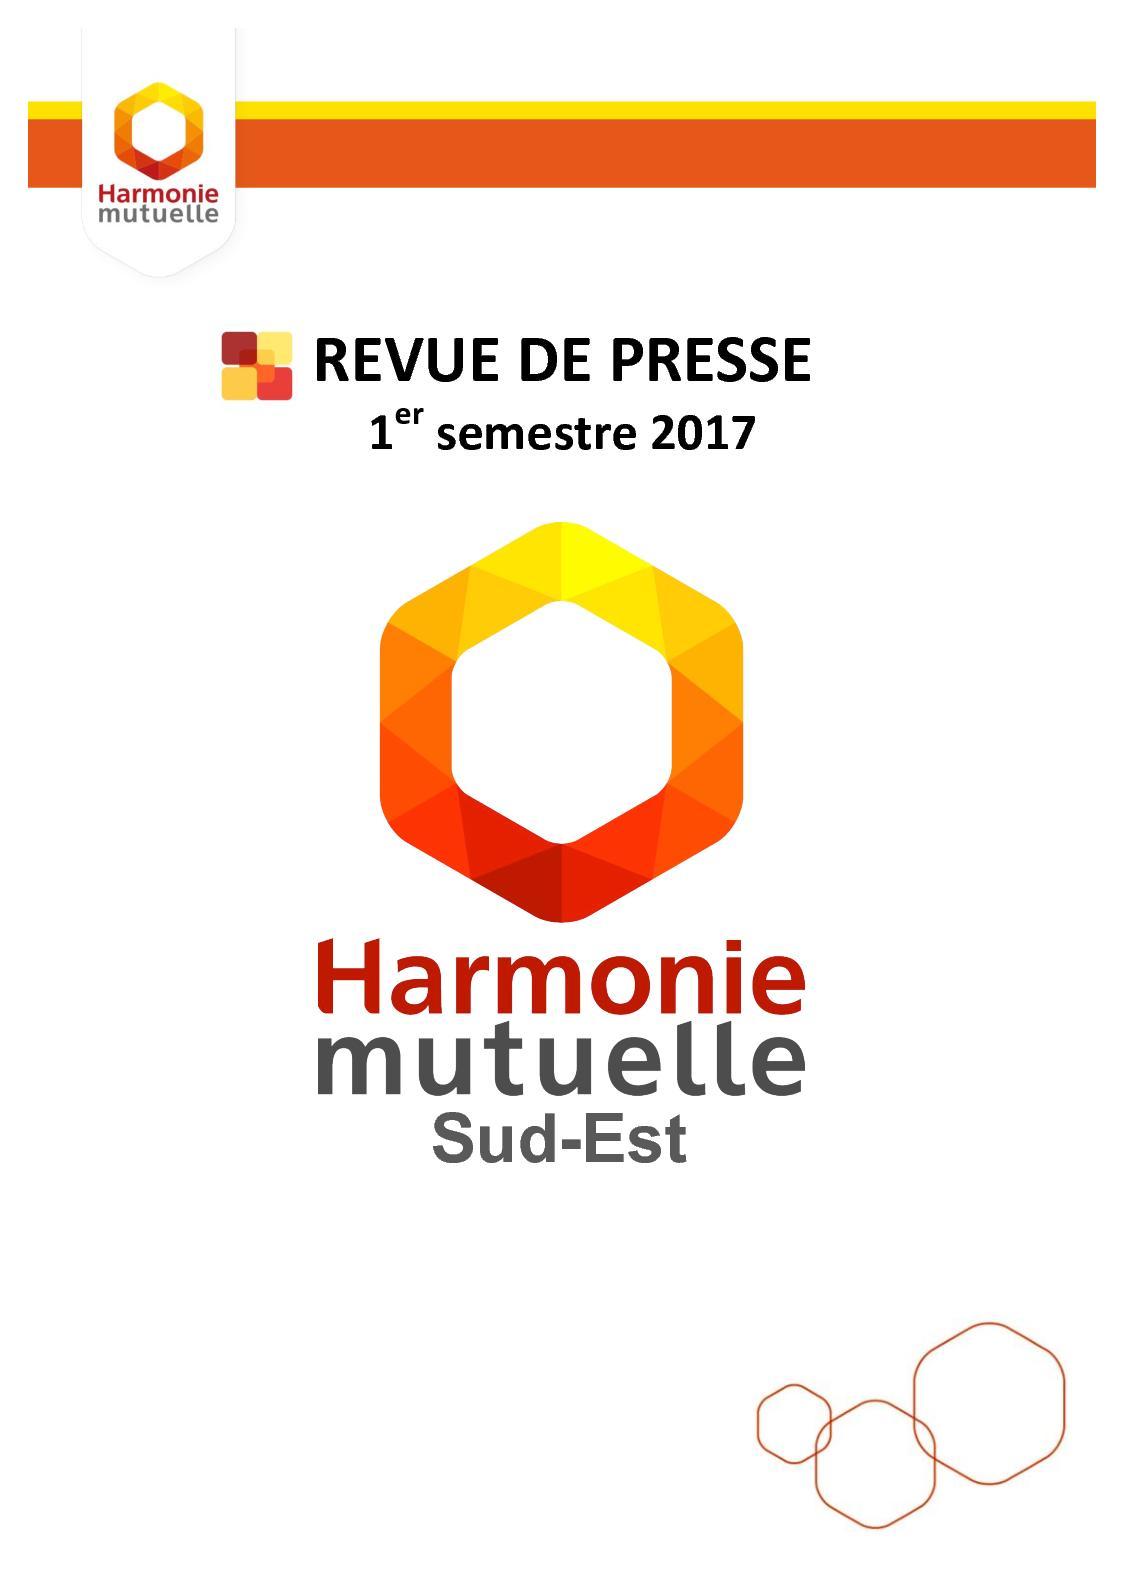 2017 1er Harmonie Mutuelle Semestre Presse Calaméo Revue De SMVpGqUz